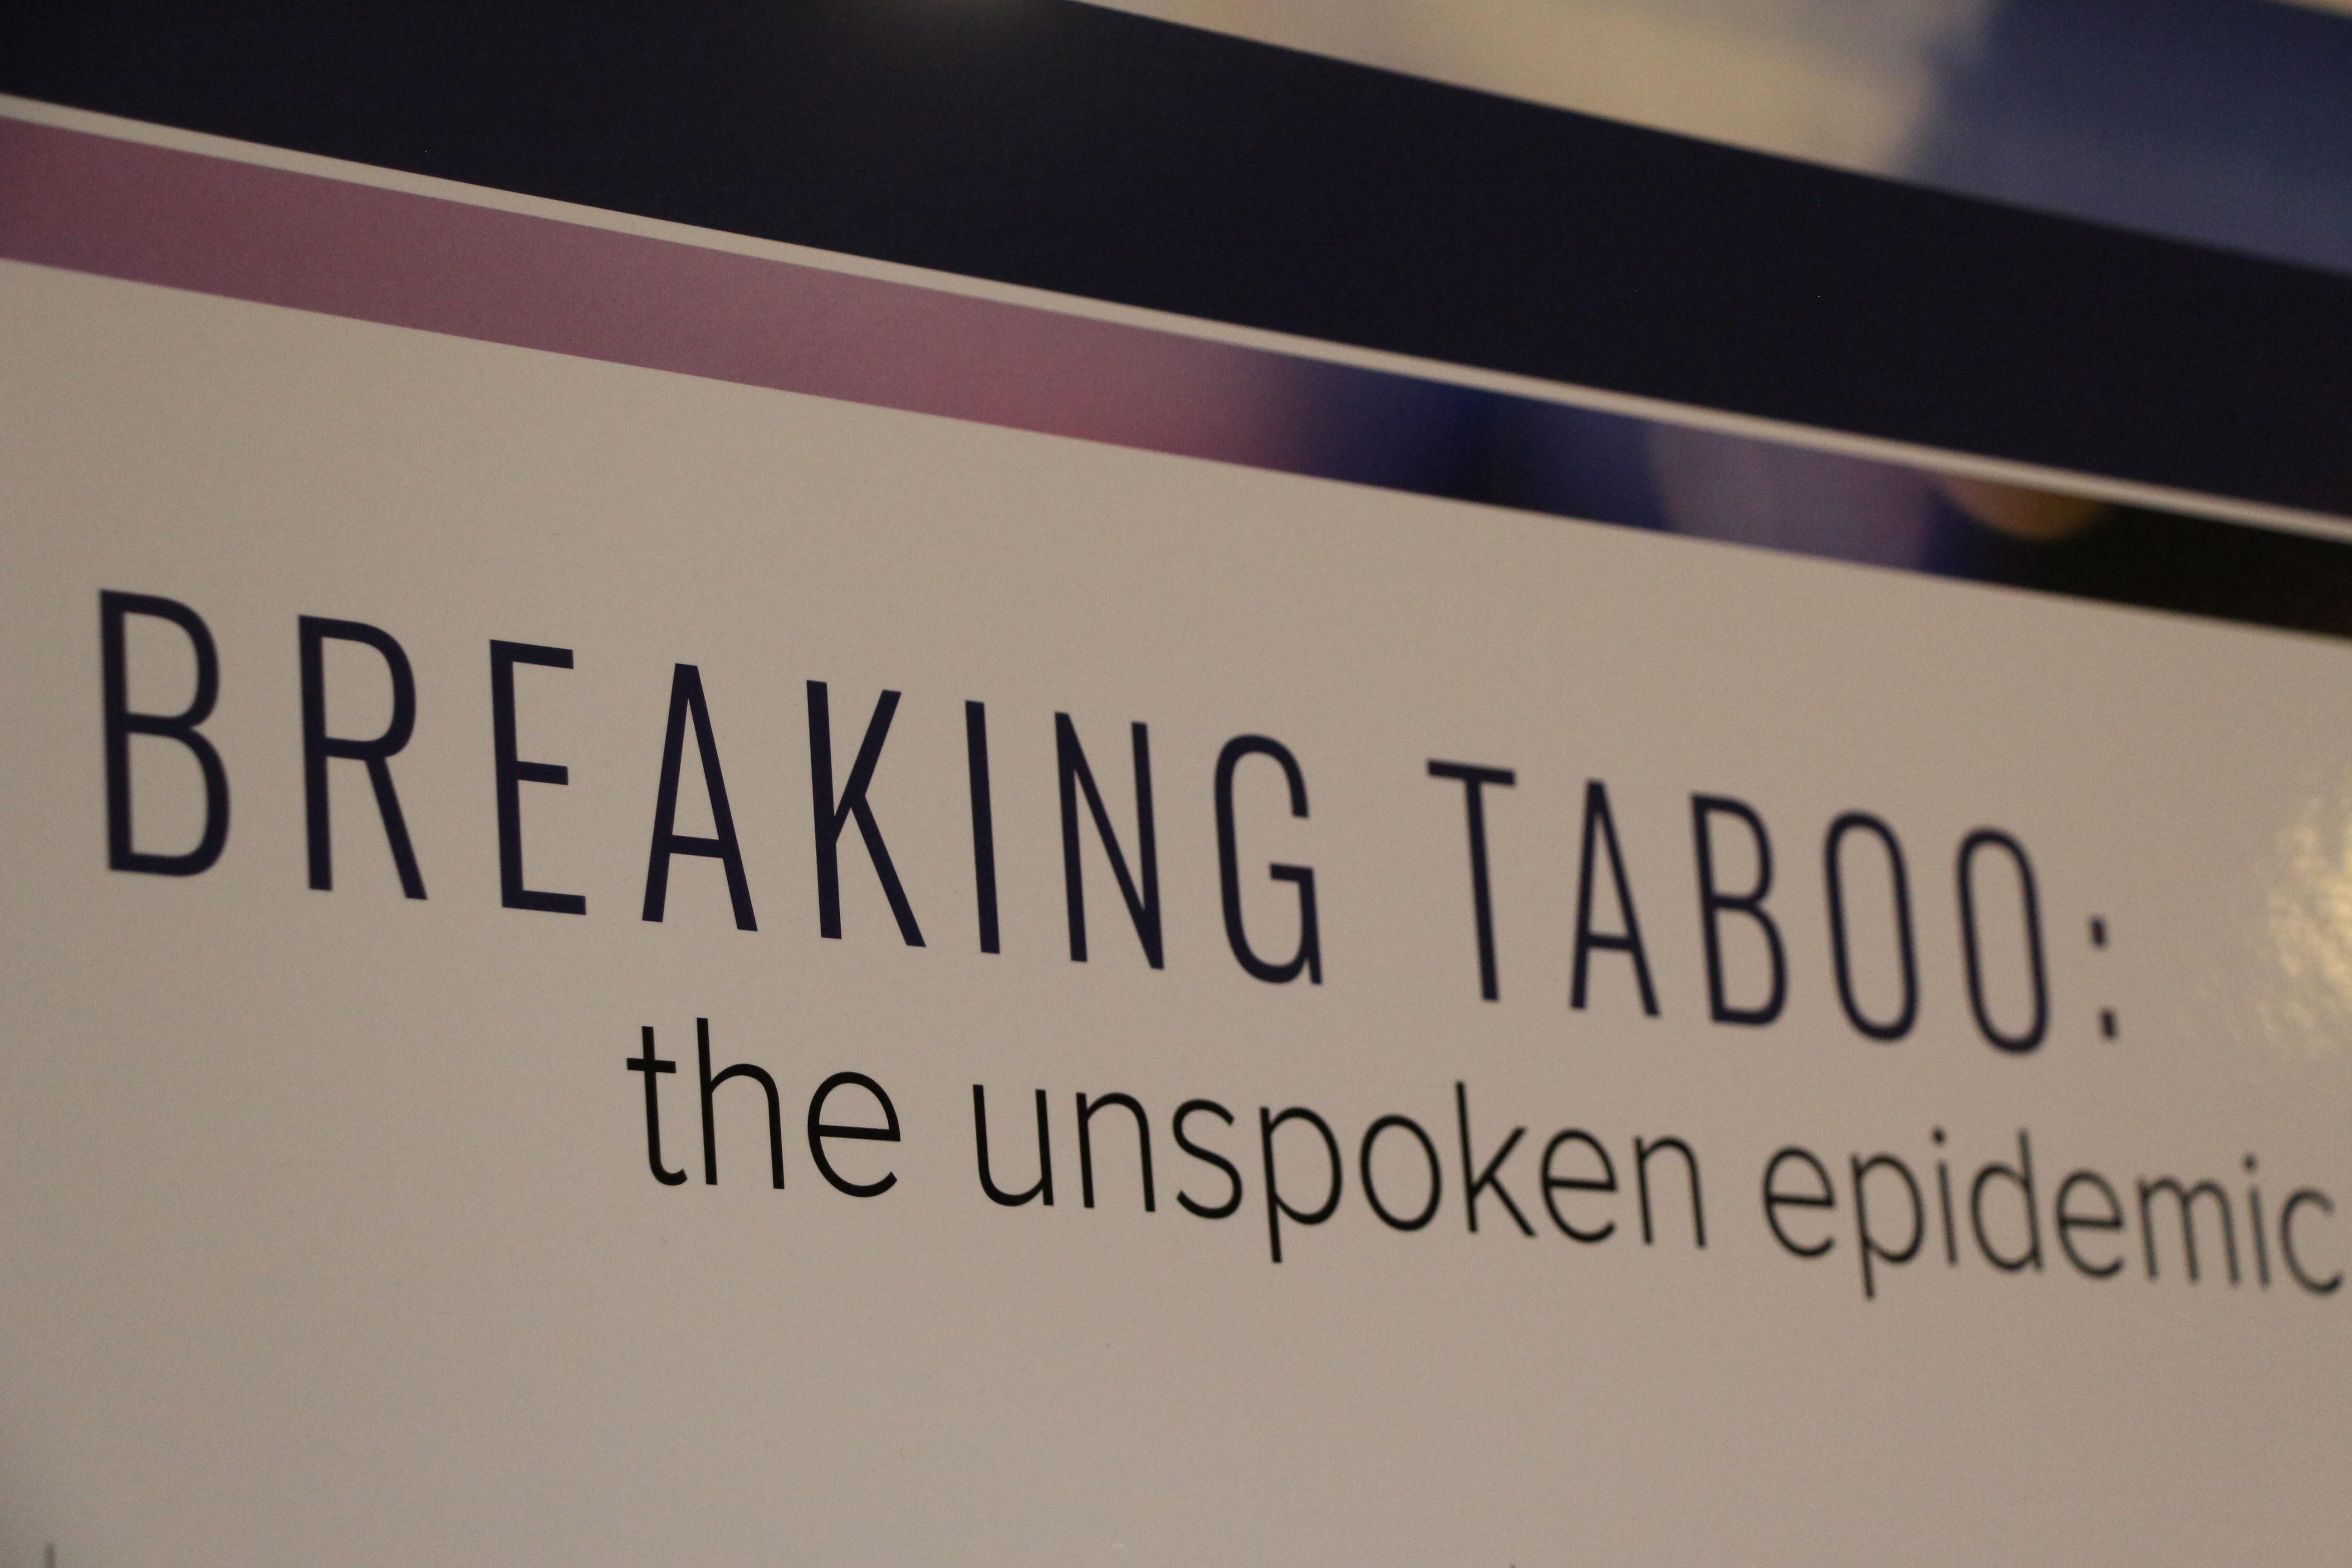 Breaking_Taboo_Title.JPG